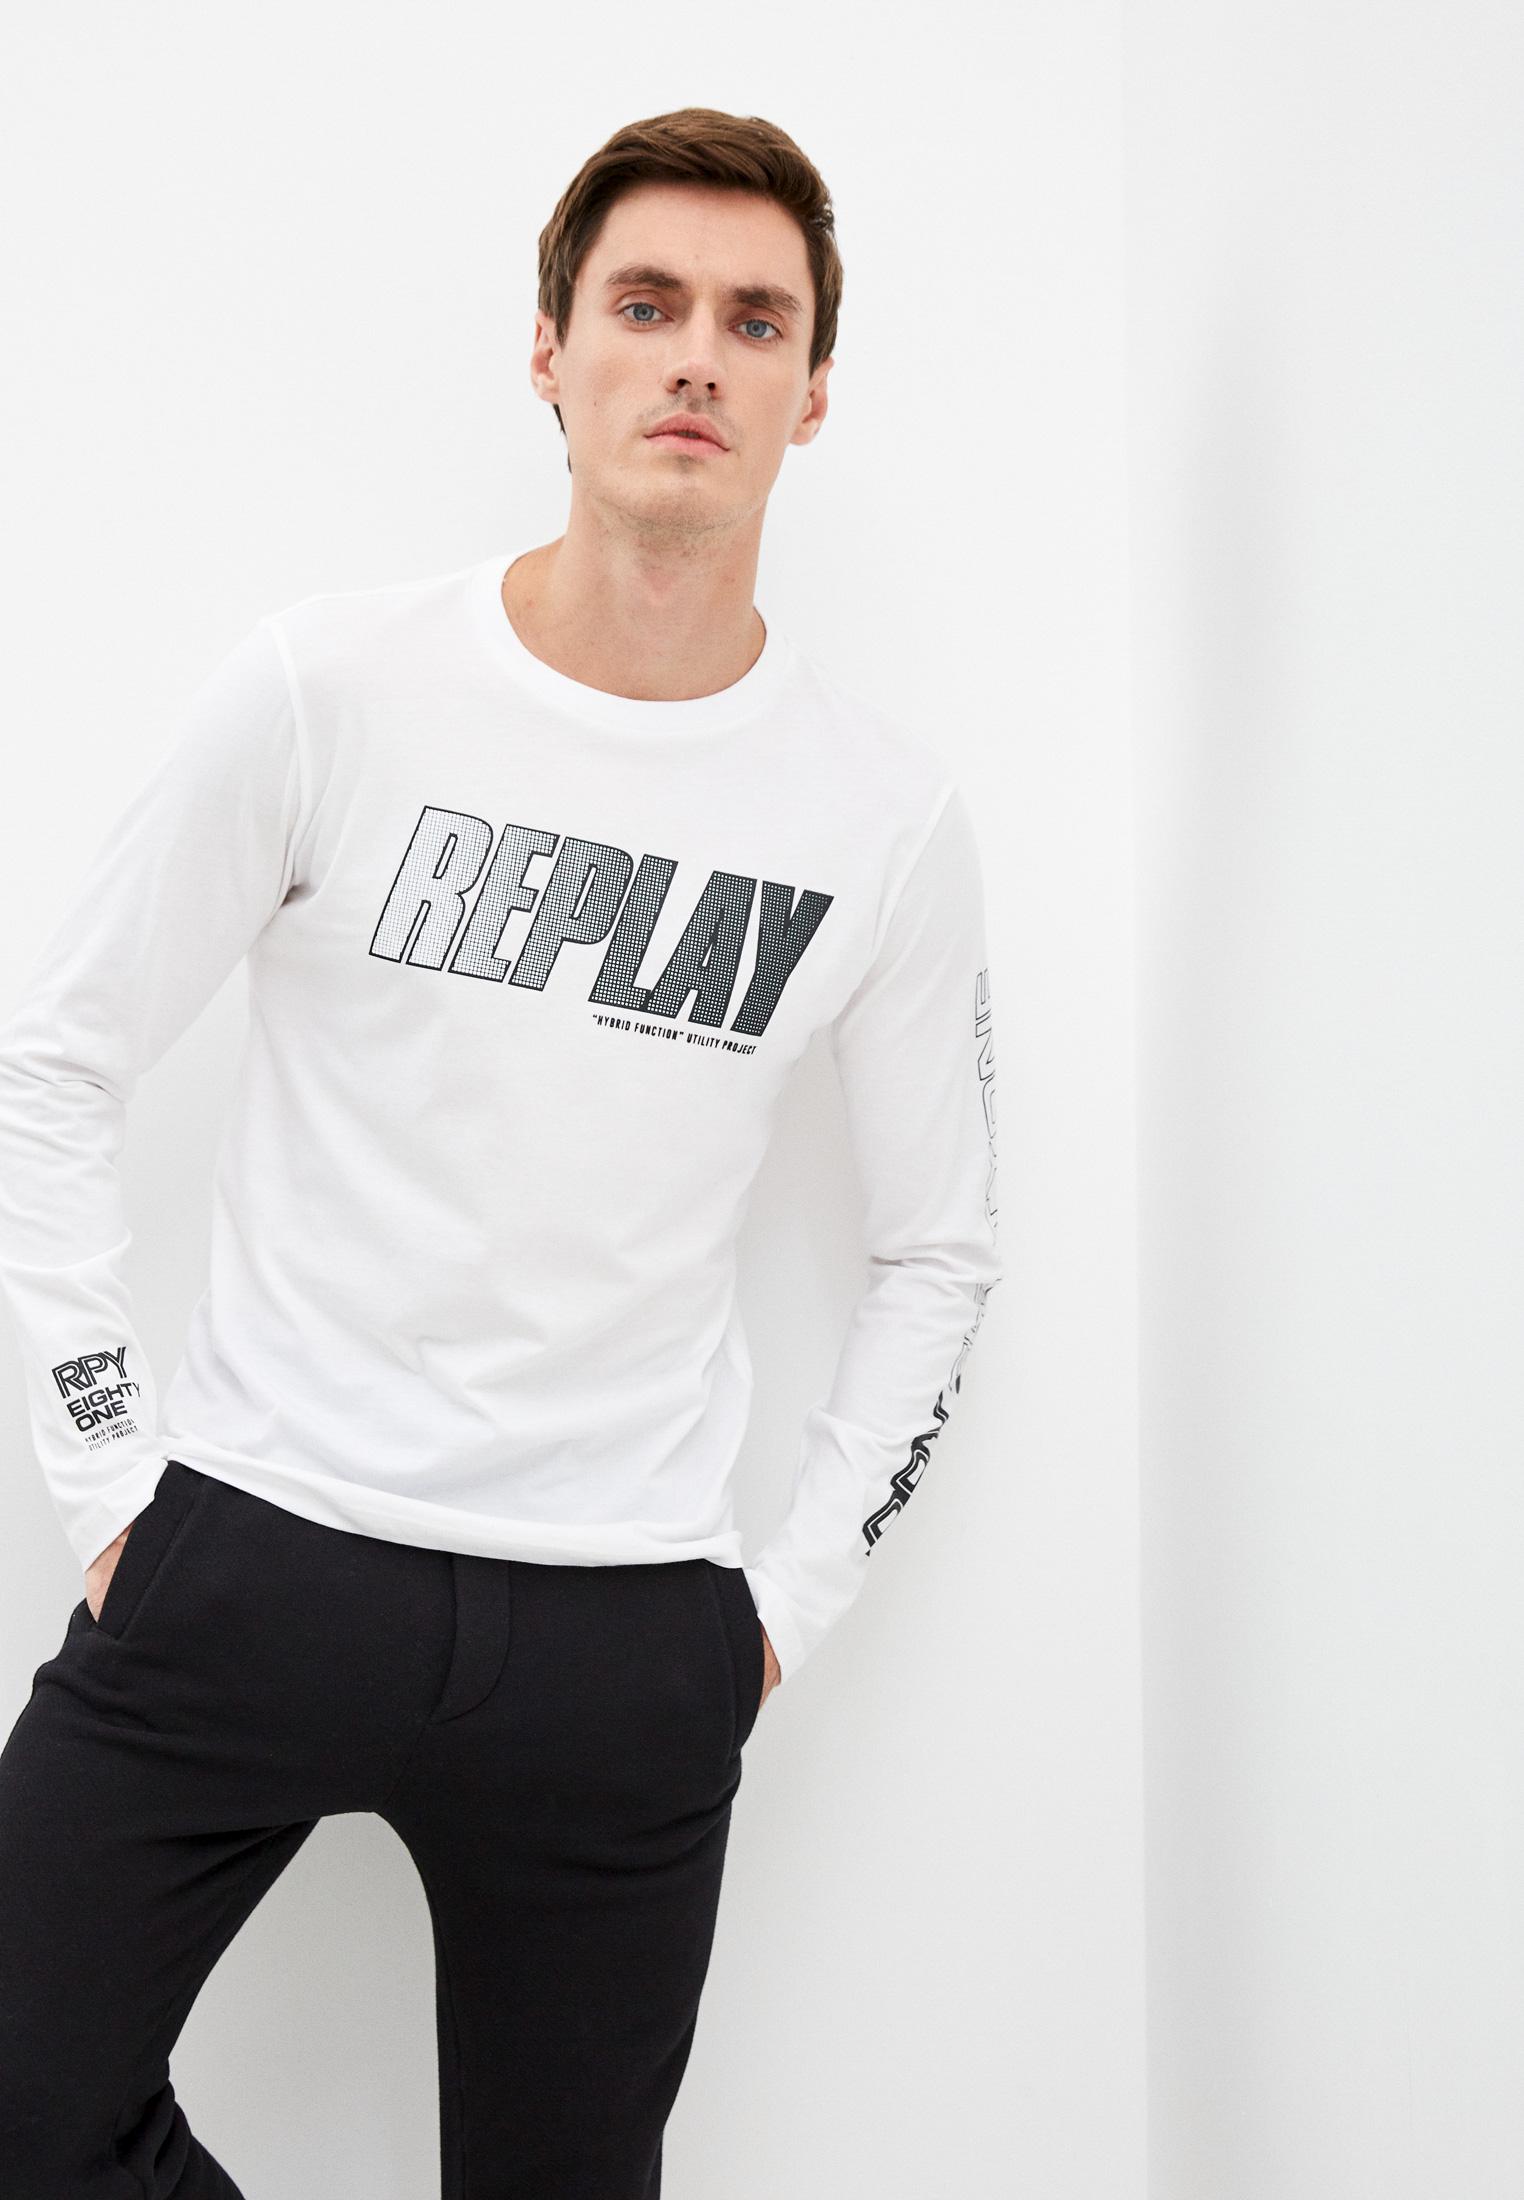 Футболка с длинным рукавом Replay (Реплей) Лонгслив Replay